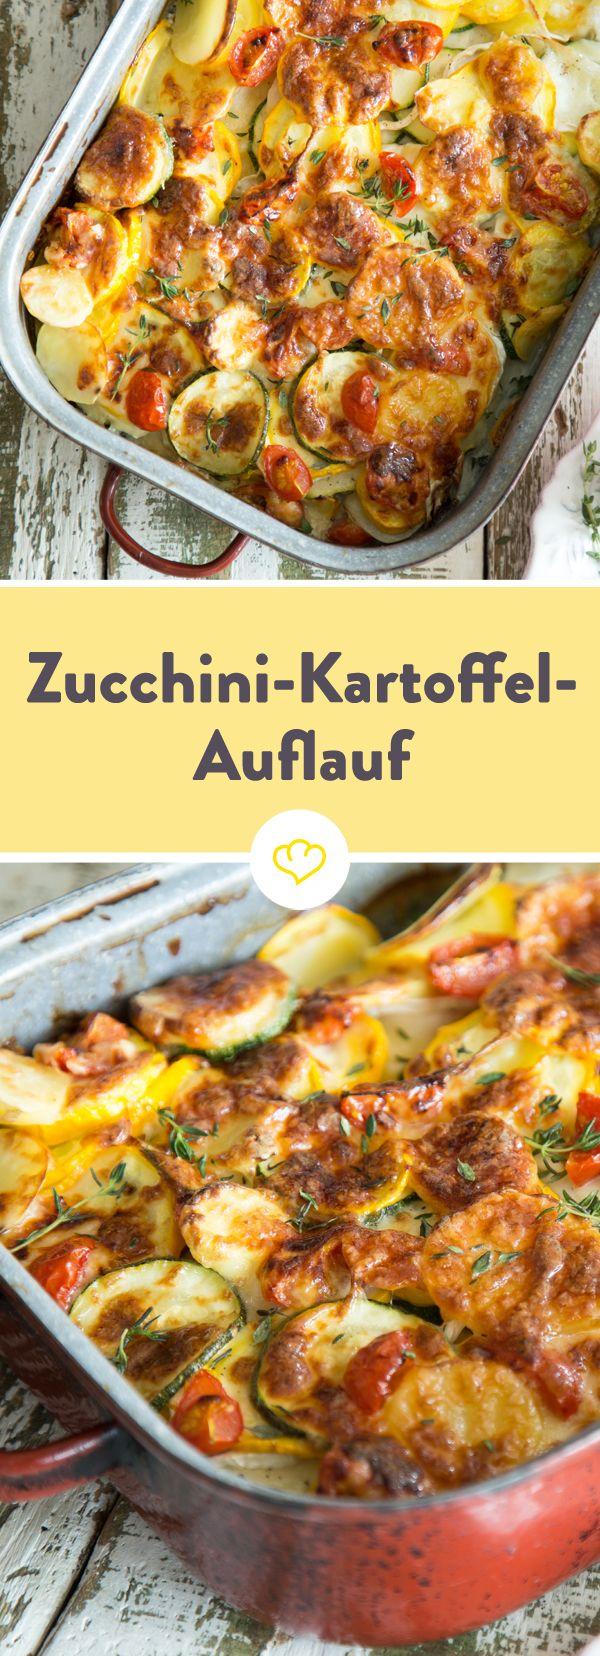 zucchini kartoffel auflauf mit ziegenk se rezept auflauf gratin pinterest auflauf. Black Bedroom Furniture Sets. Home Design Ideas